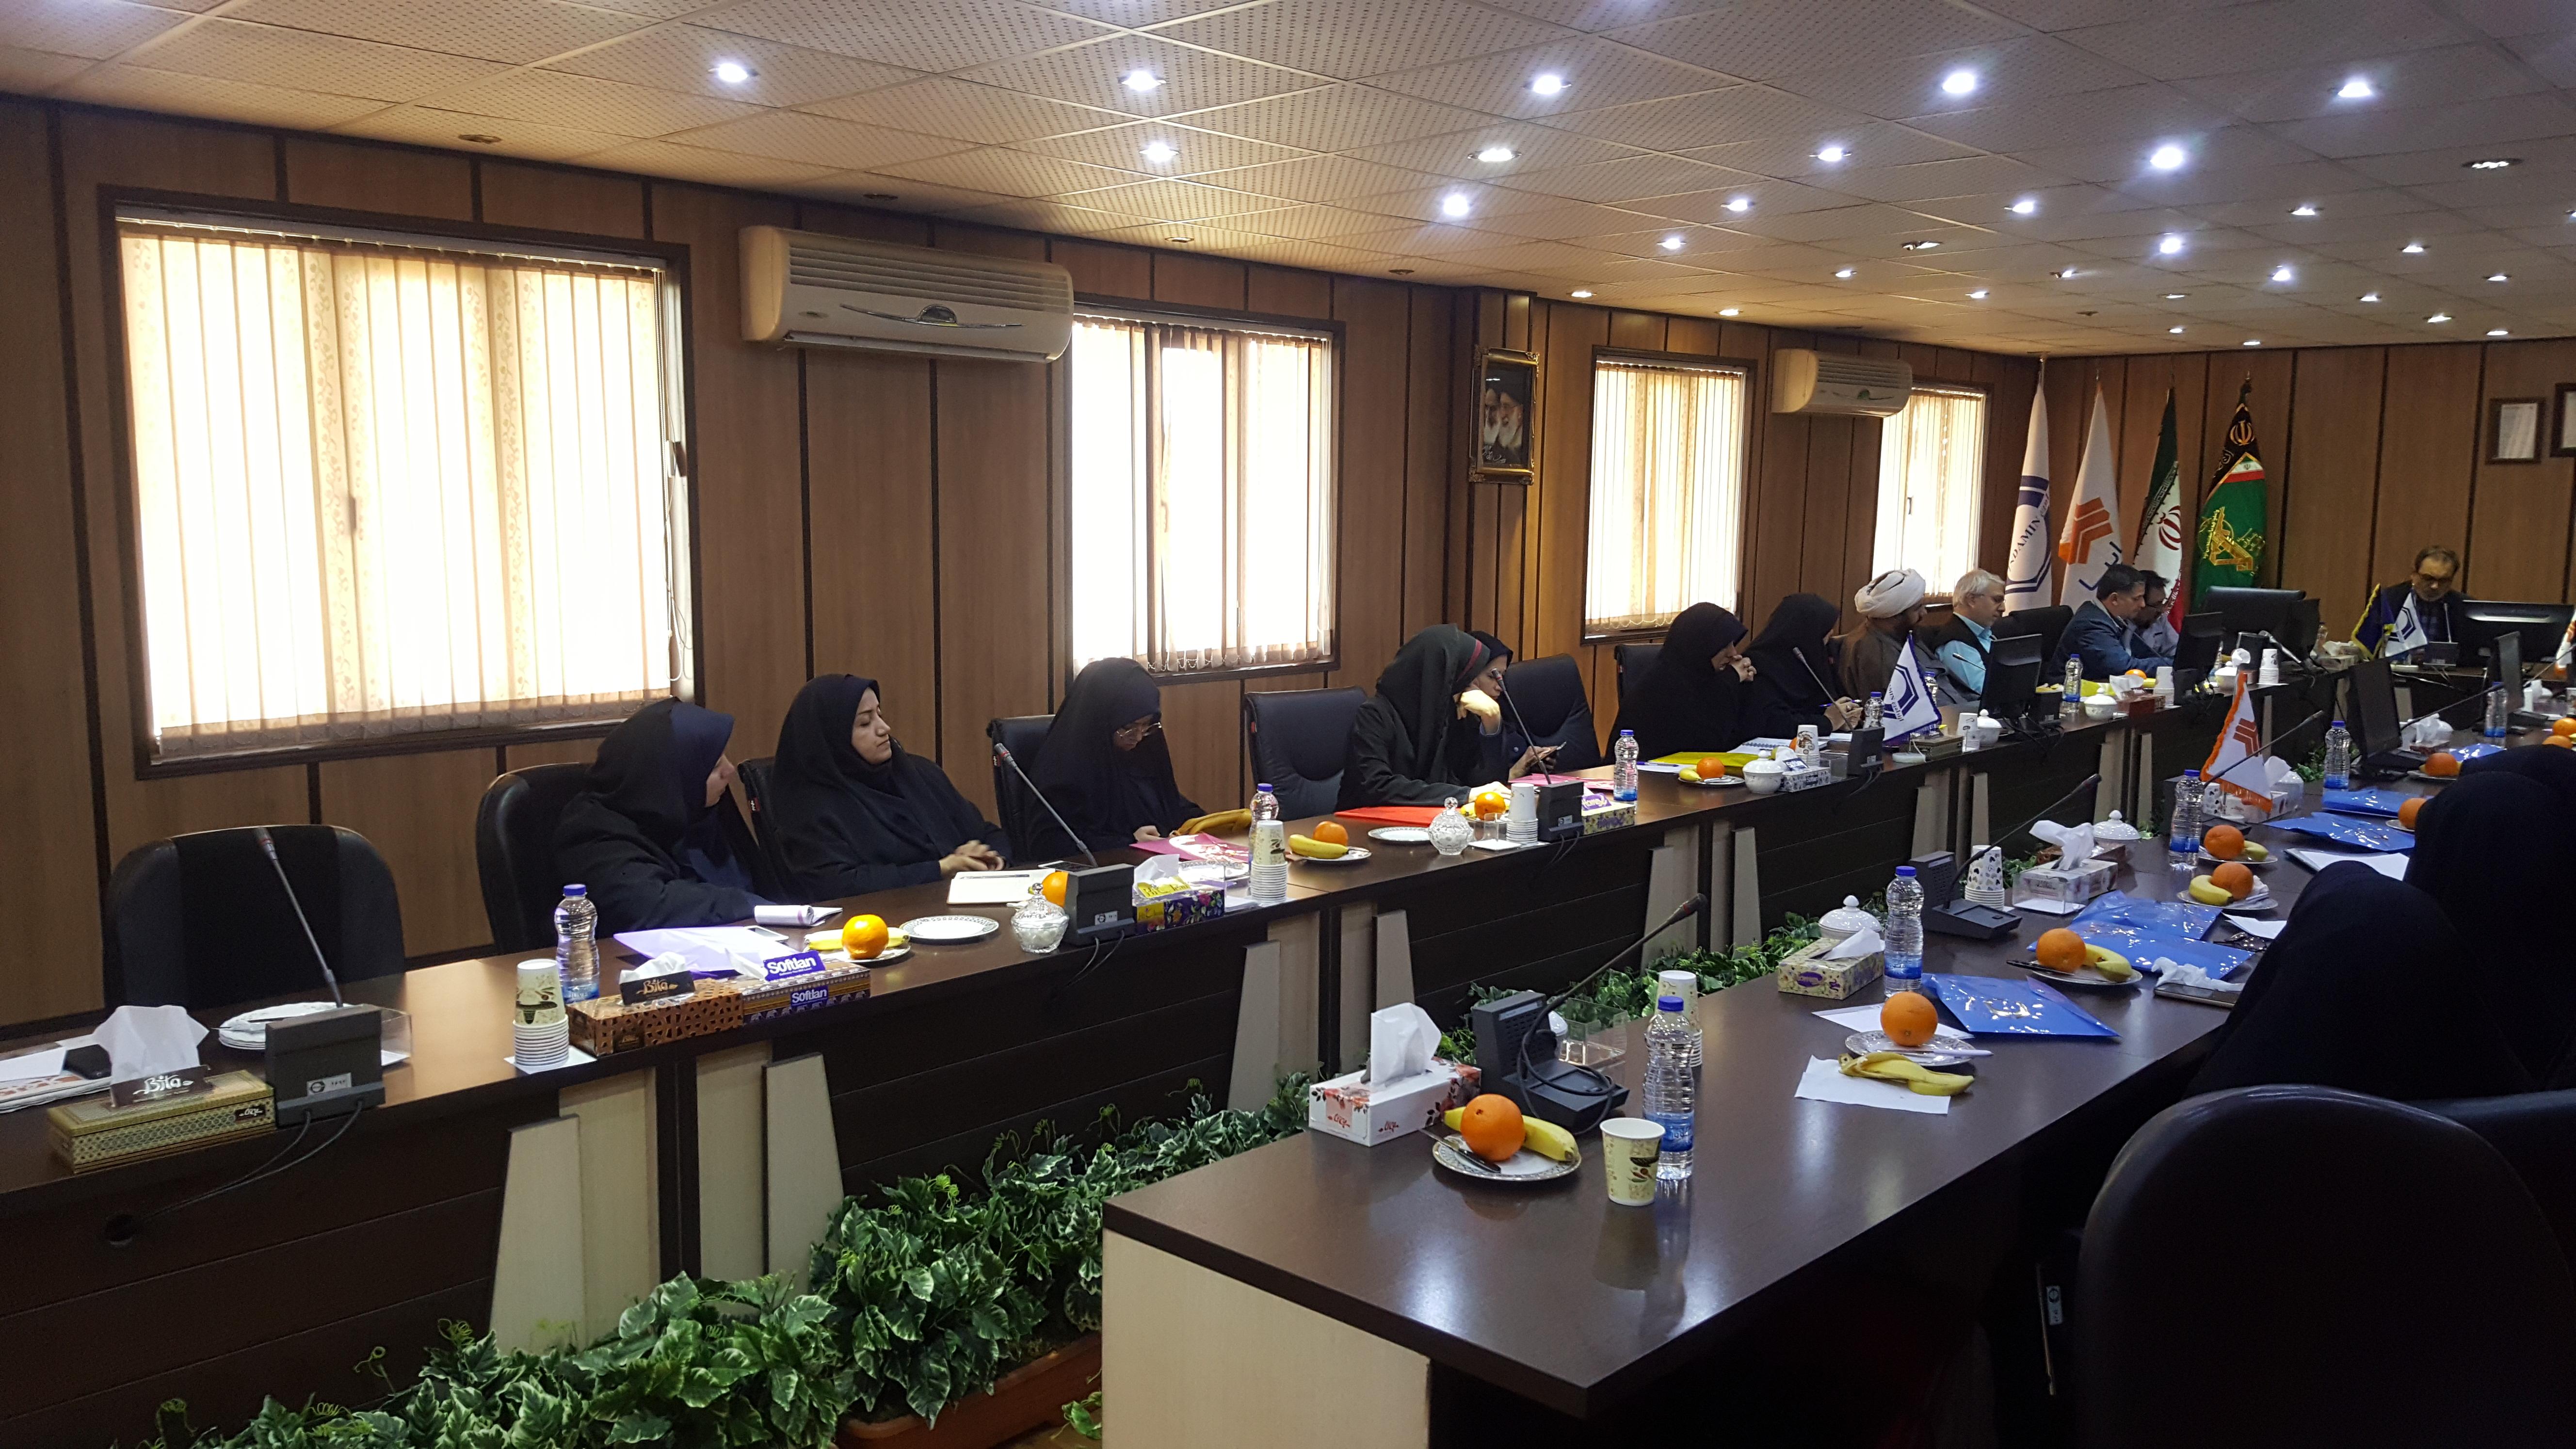 تشکیل جلسه شورای حوزه و فرماندهان بسیج شرکتهای گروه سایپا با حضور خواهران